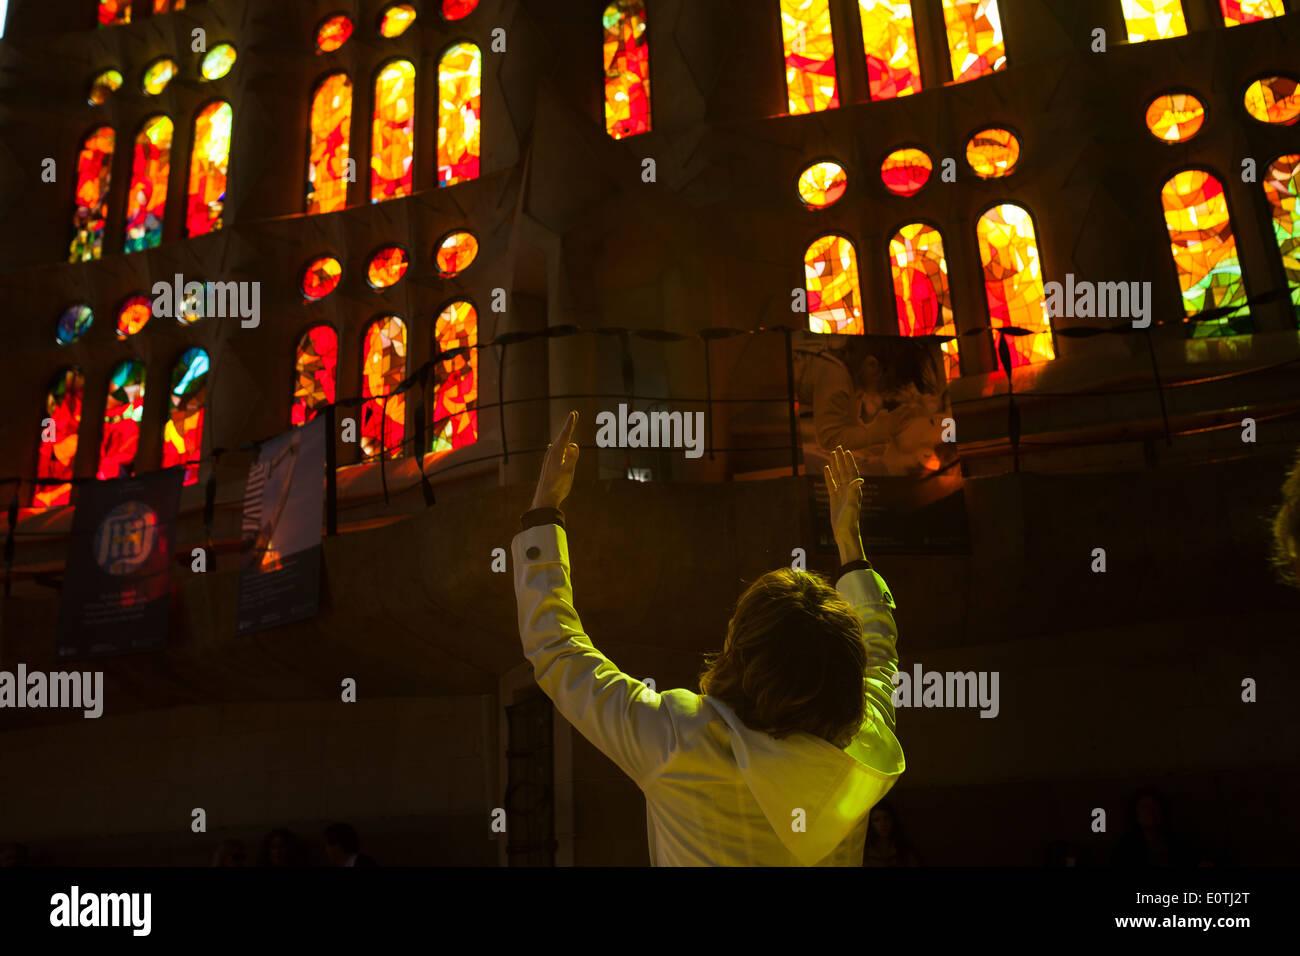 Frau mit ihr die Hände auf die Luft, beten in der Sagrada Familia, Barcelona Stockbild